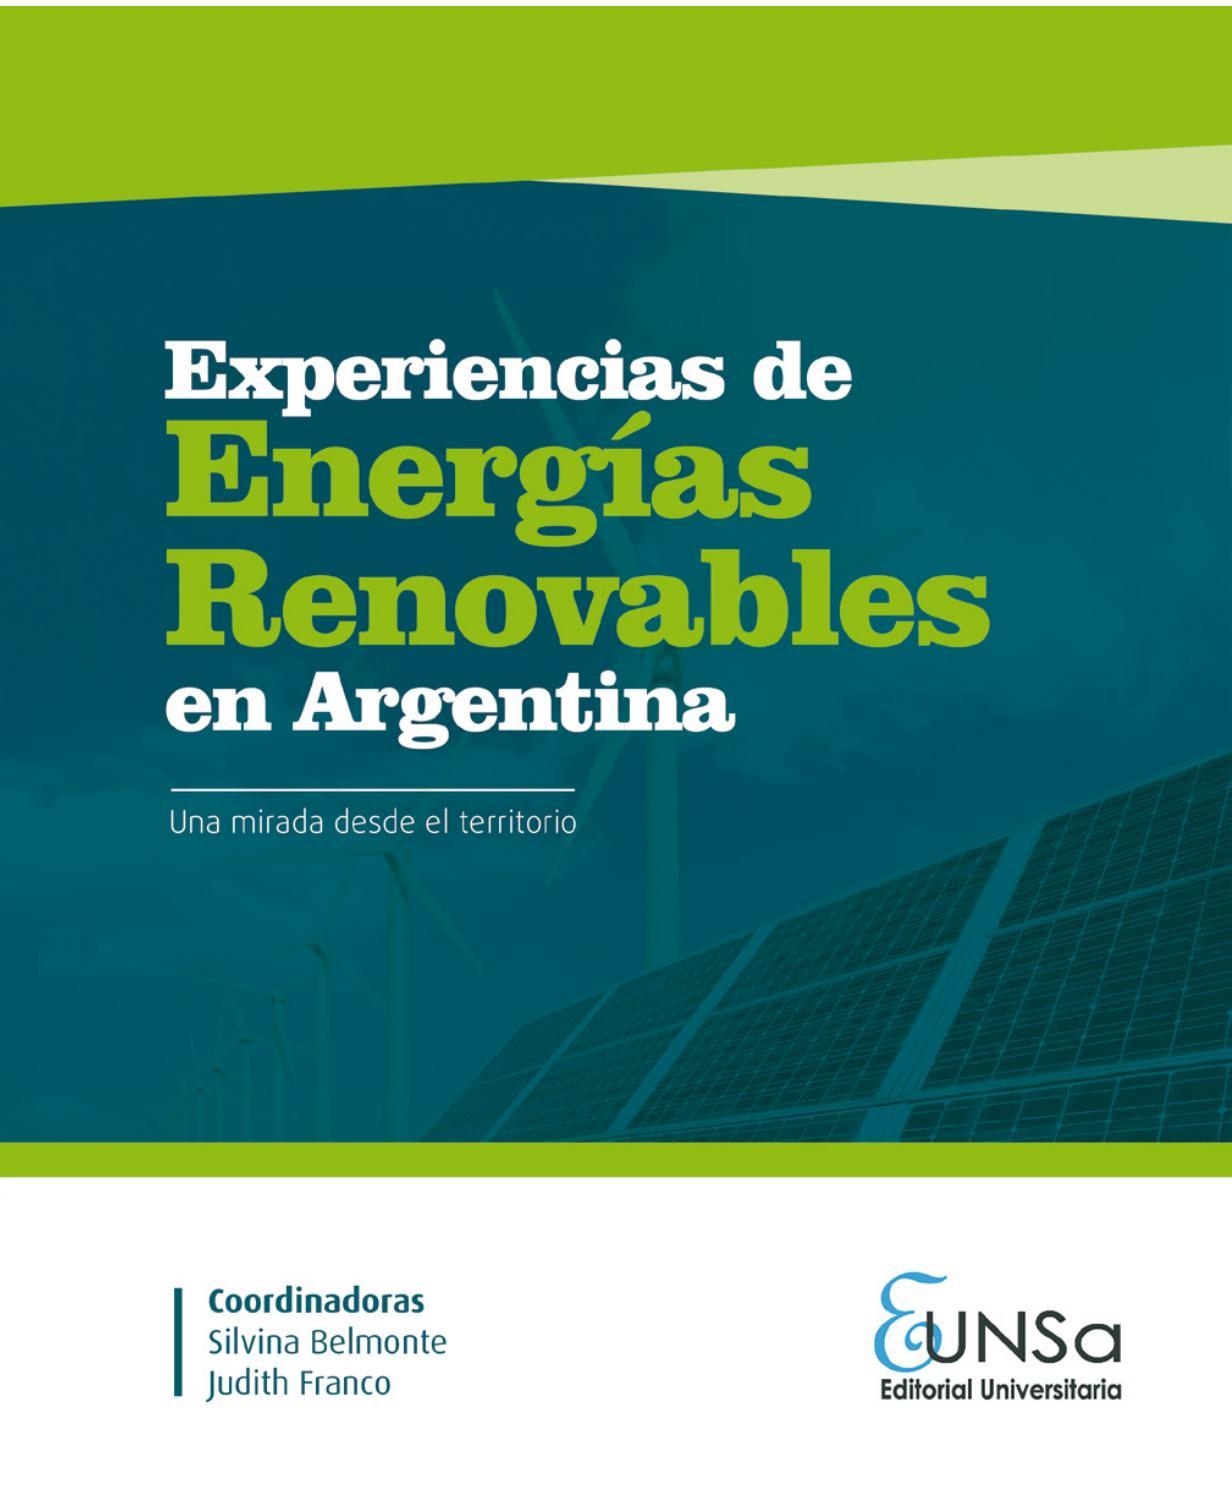 Experiencias de Energías Renovables en Argentina by Silvina Belmonte ...